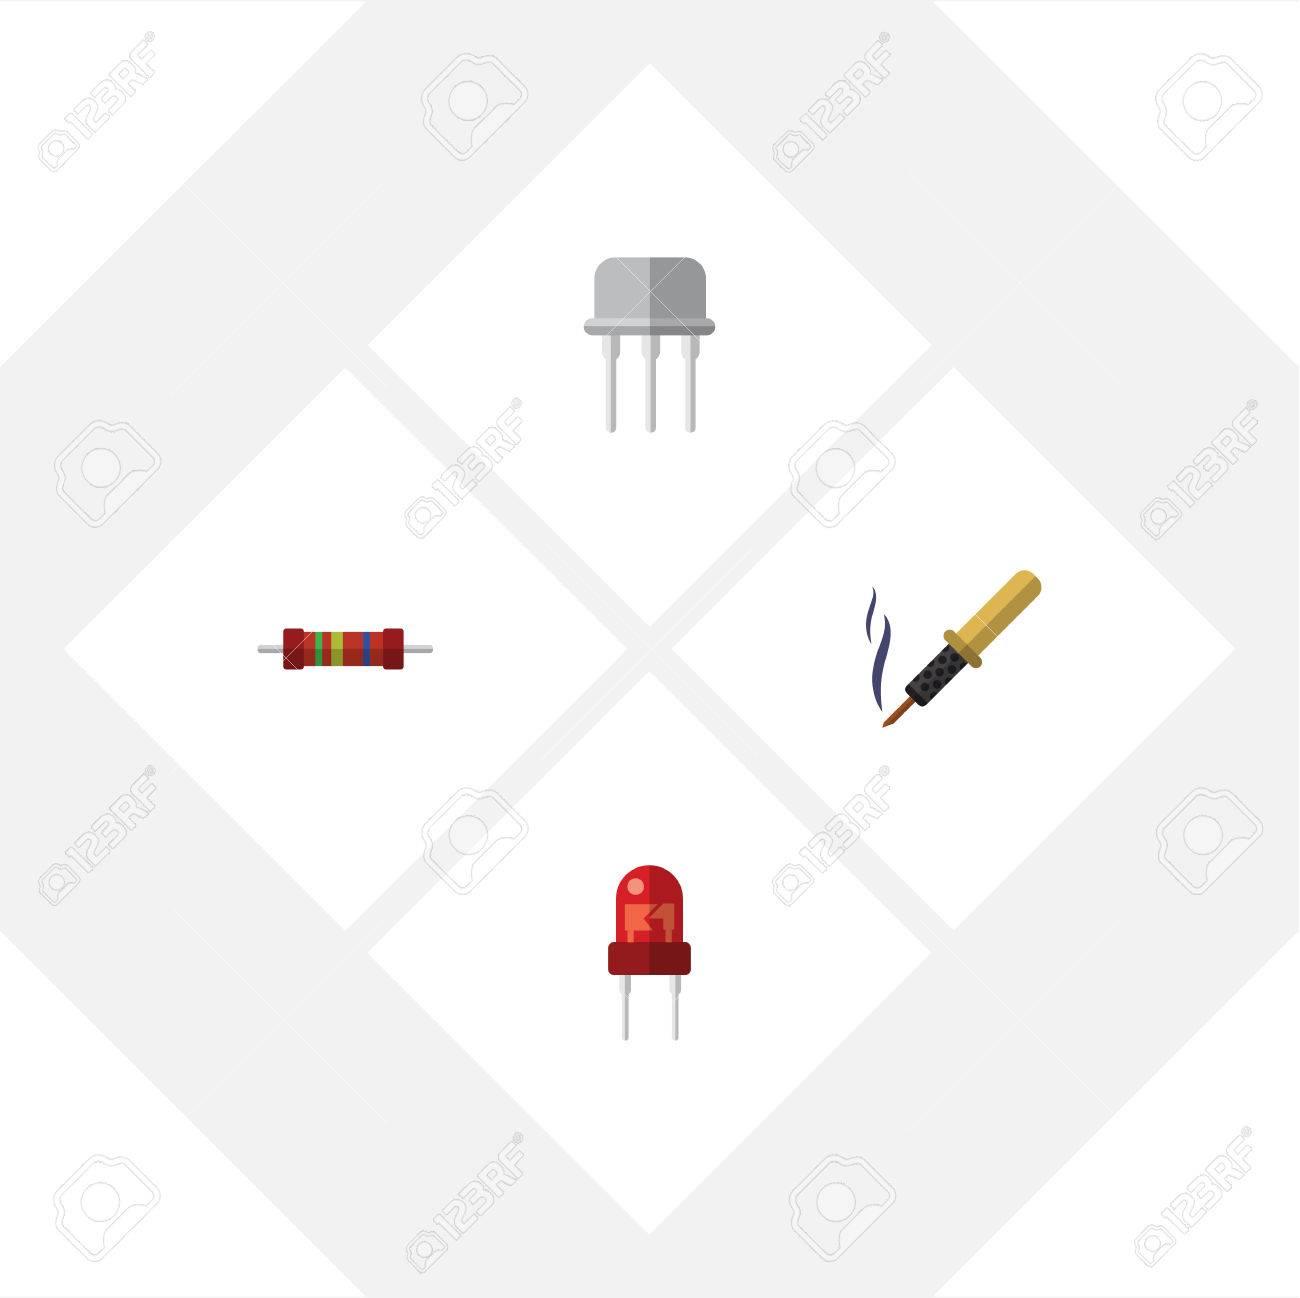 Charmant Symbol Für Den Widerstand Bilder - Elektrische Schaltplan ...